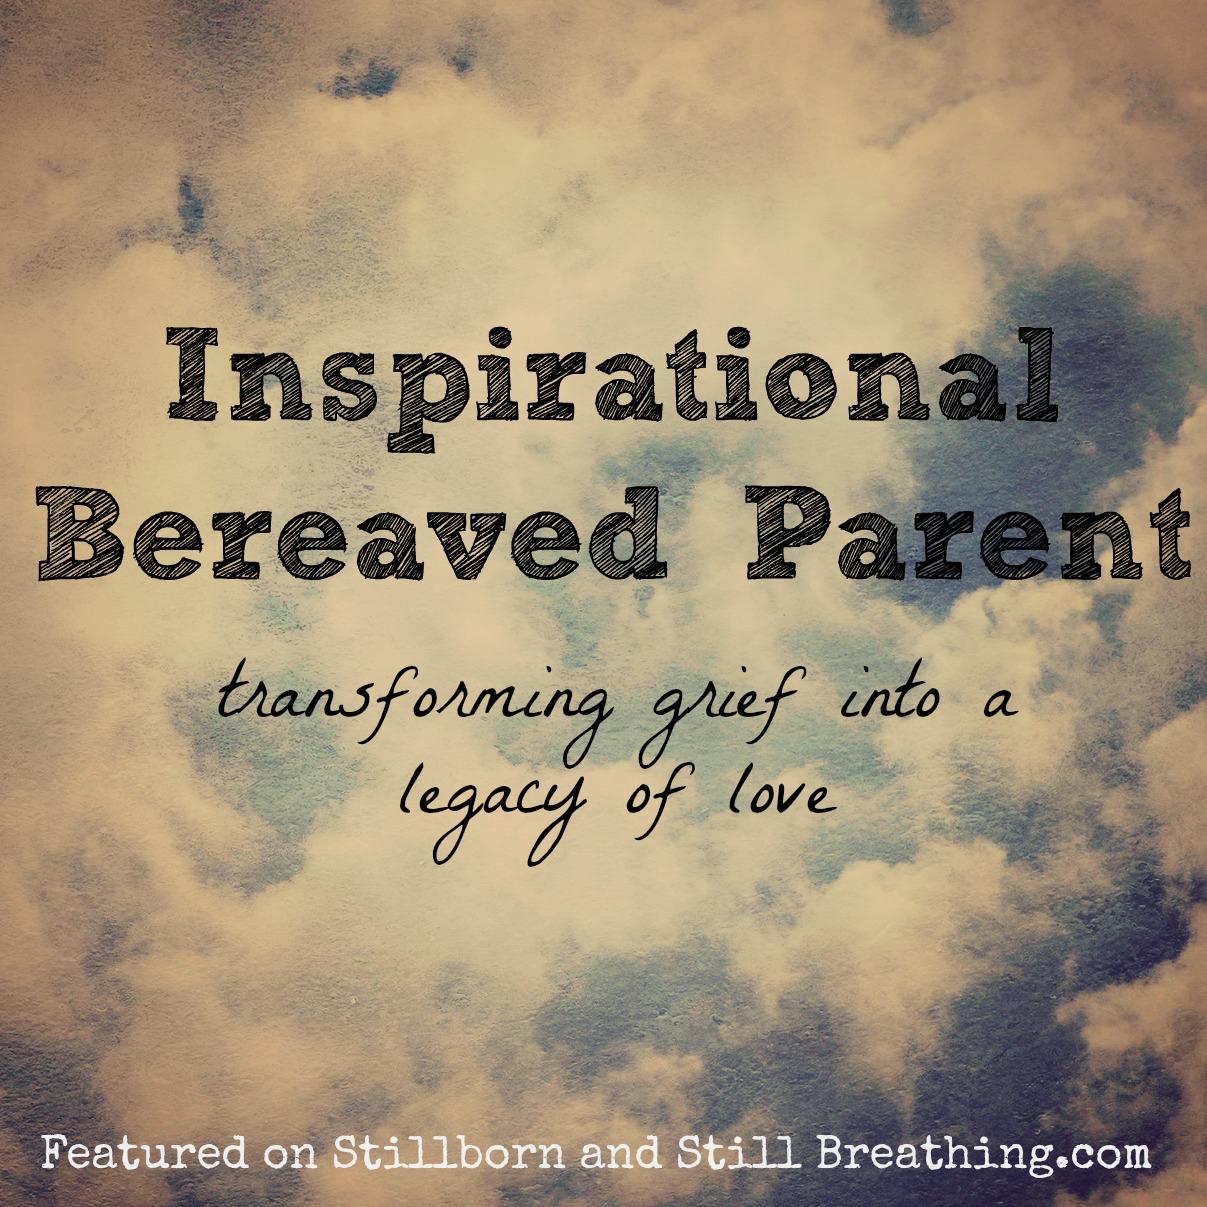 Stillborn Quotes Stillborn And Still Breathing Inspirational Bereaved Parent